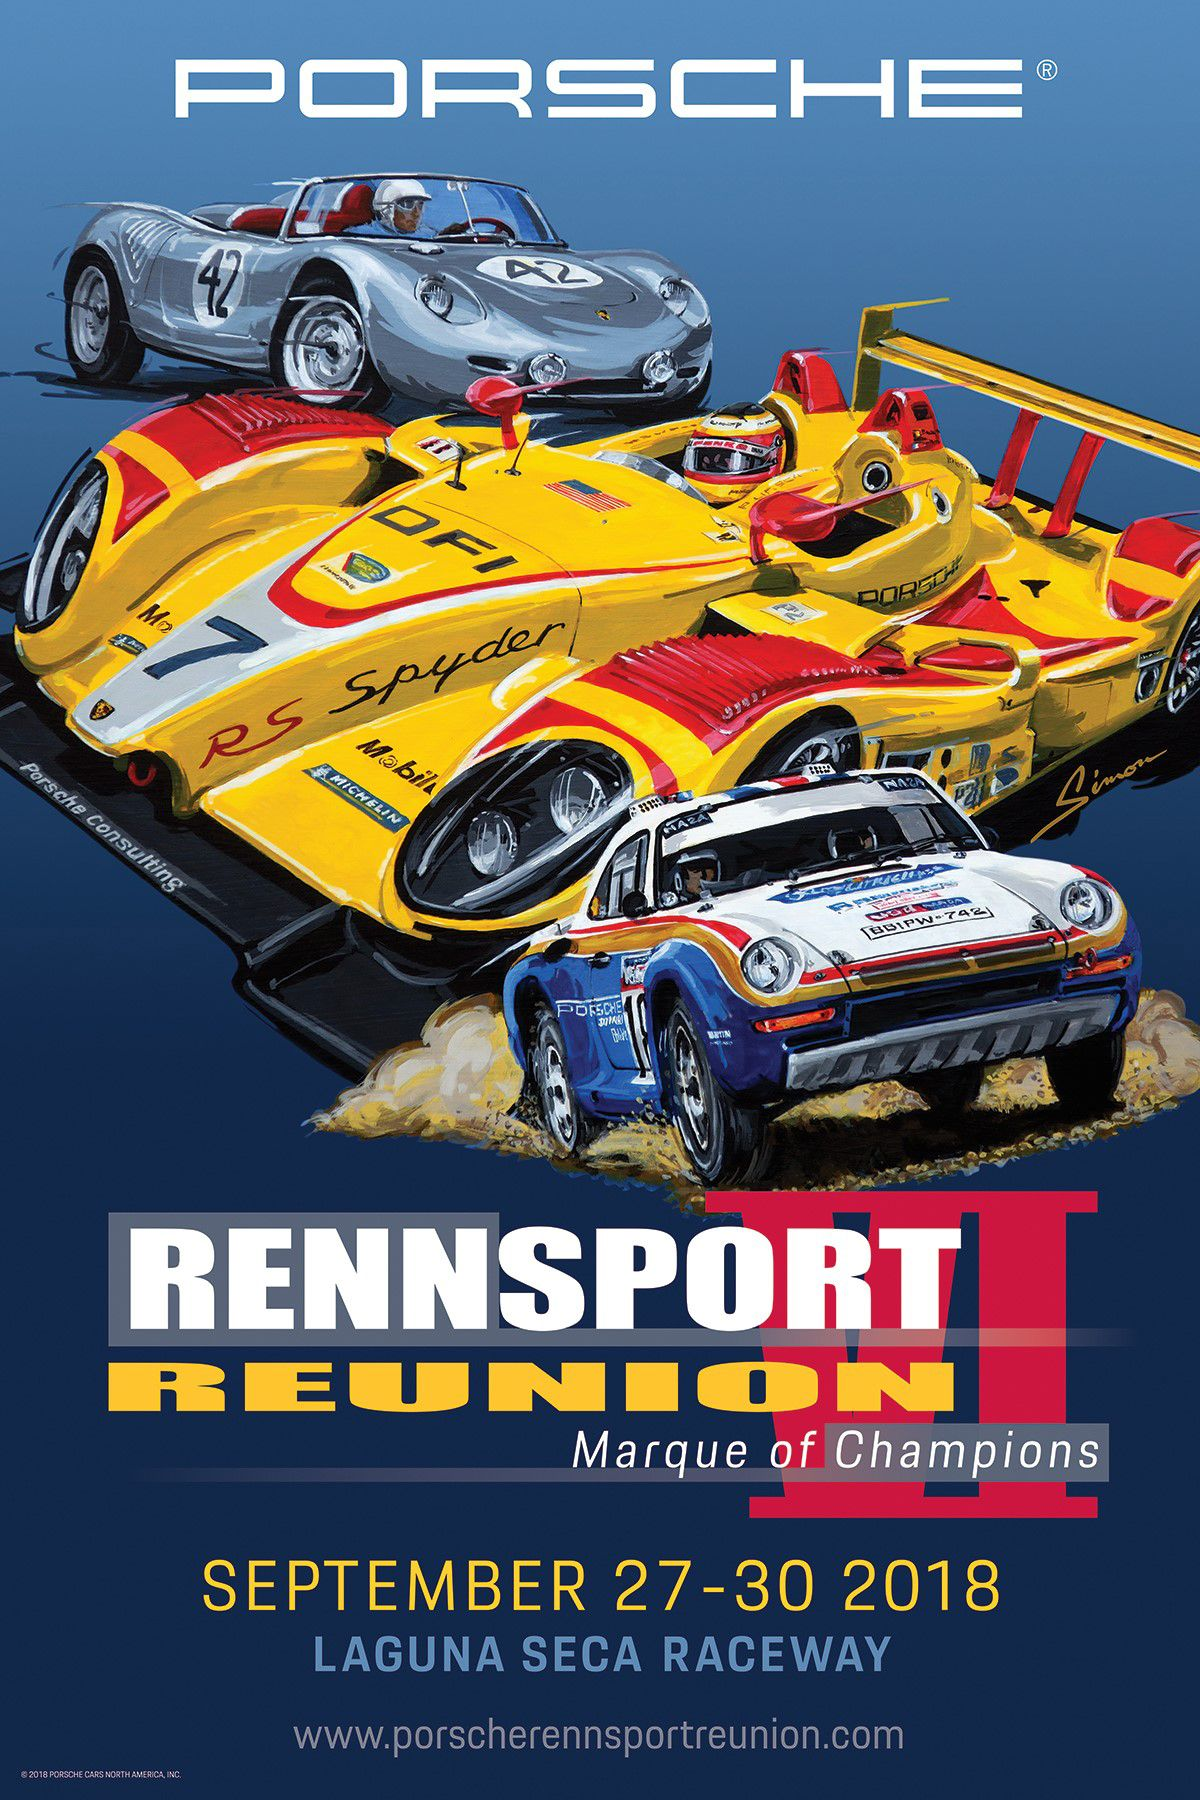 509303_official_poster_for_rennsport_reunion_vi_2018_porsche_ag